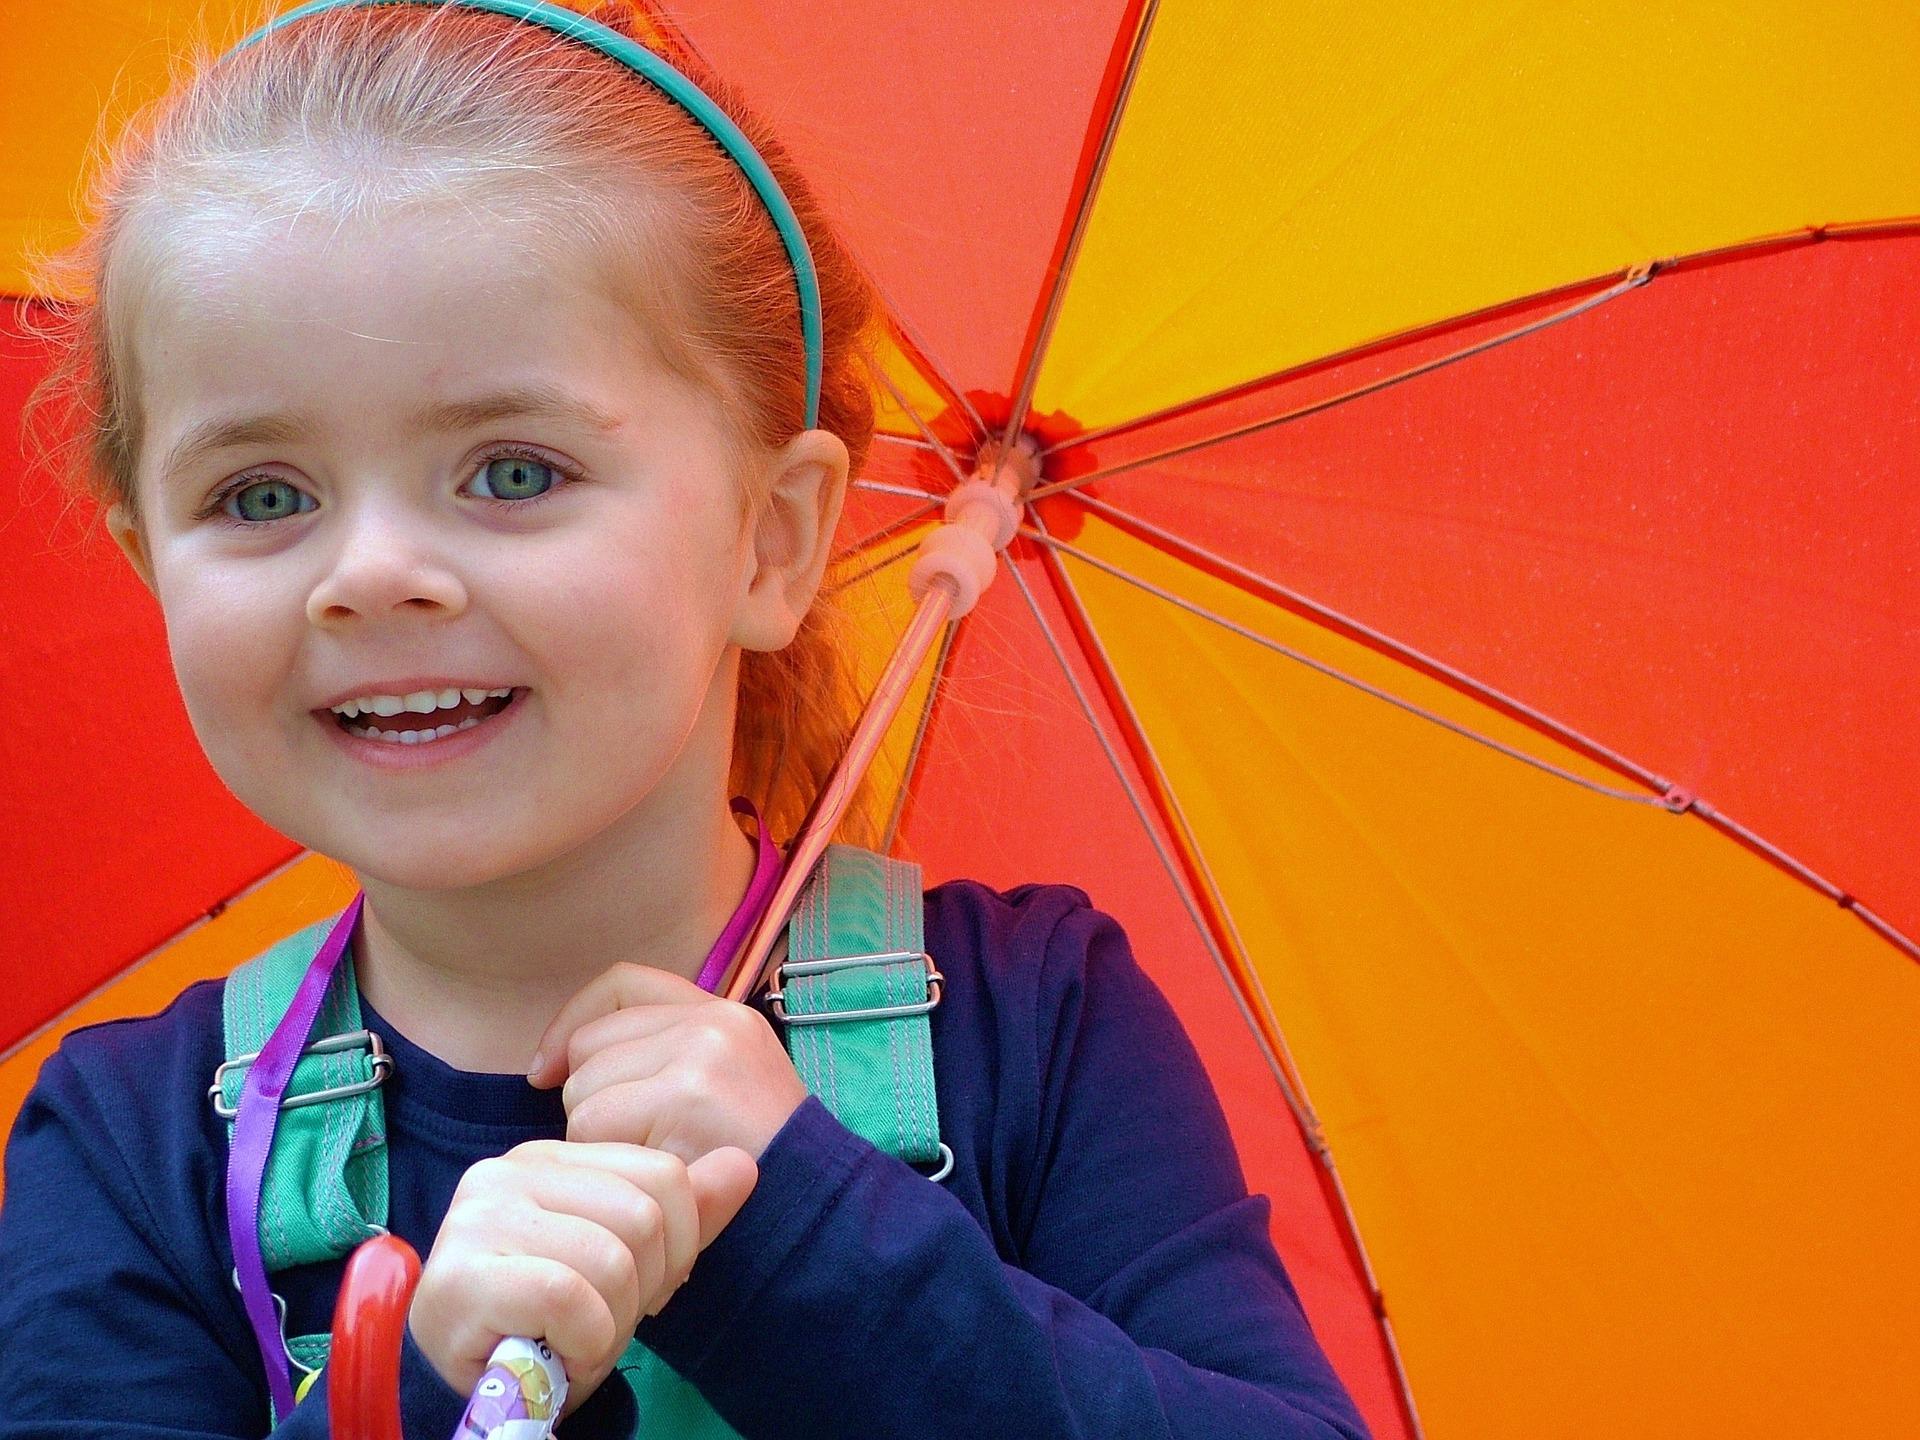 Free Birthday Activities Vancouver ~ 10 under $10: rainy day activities with kids in vancouver vancouver mom